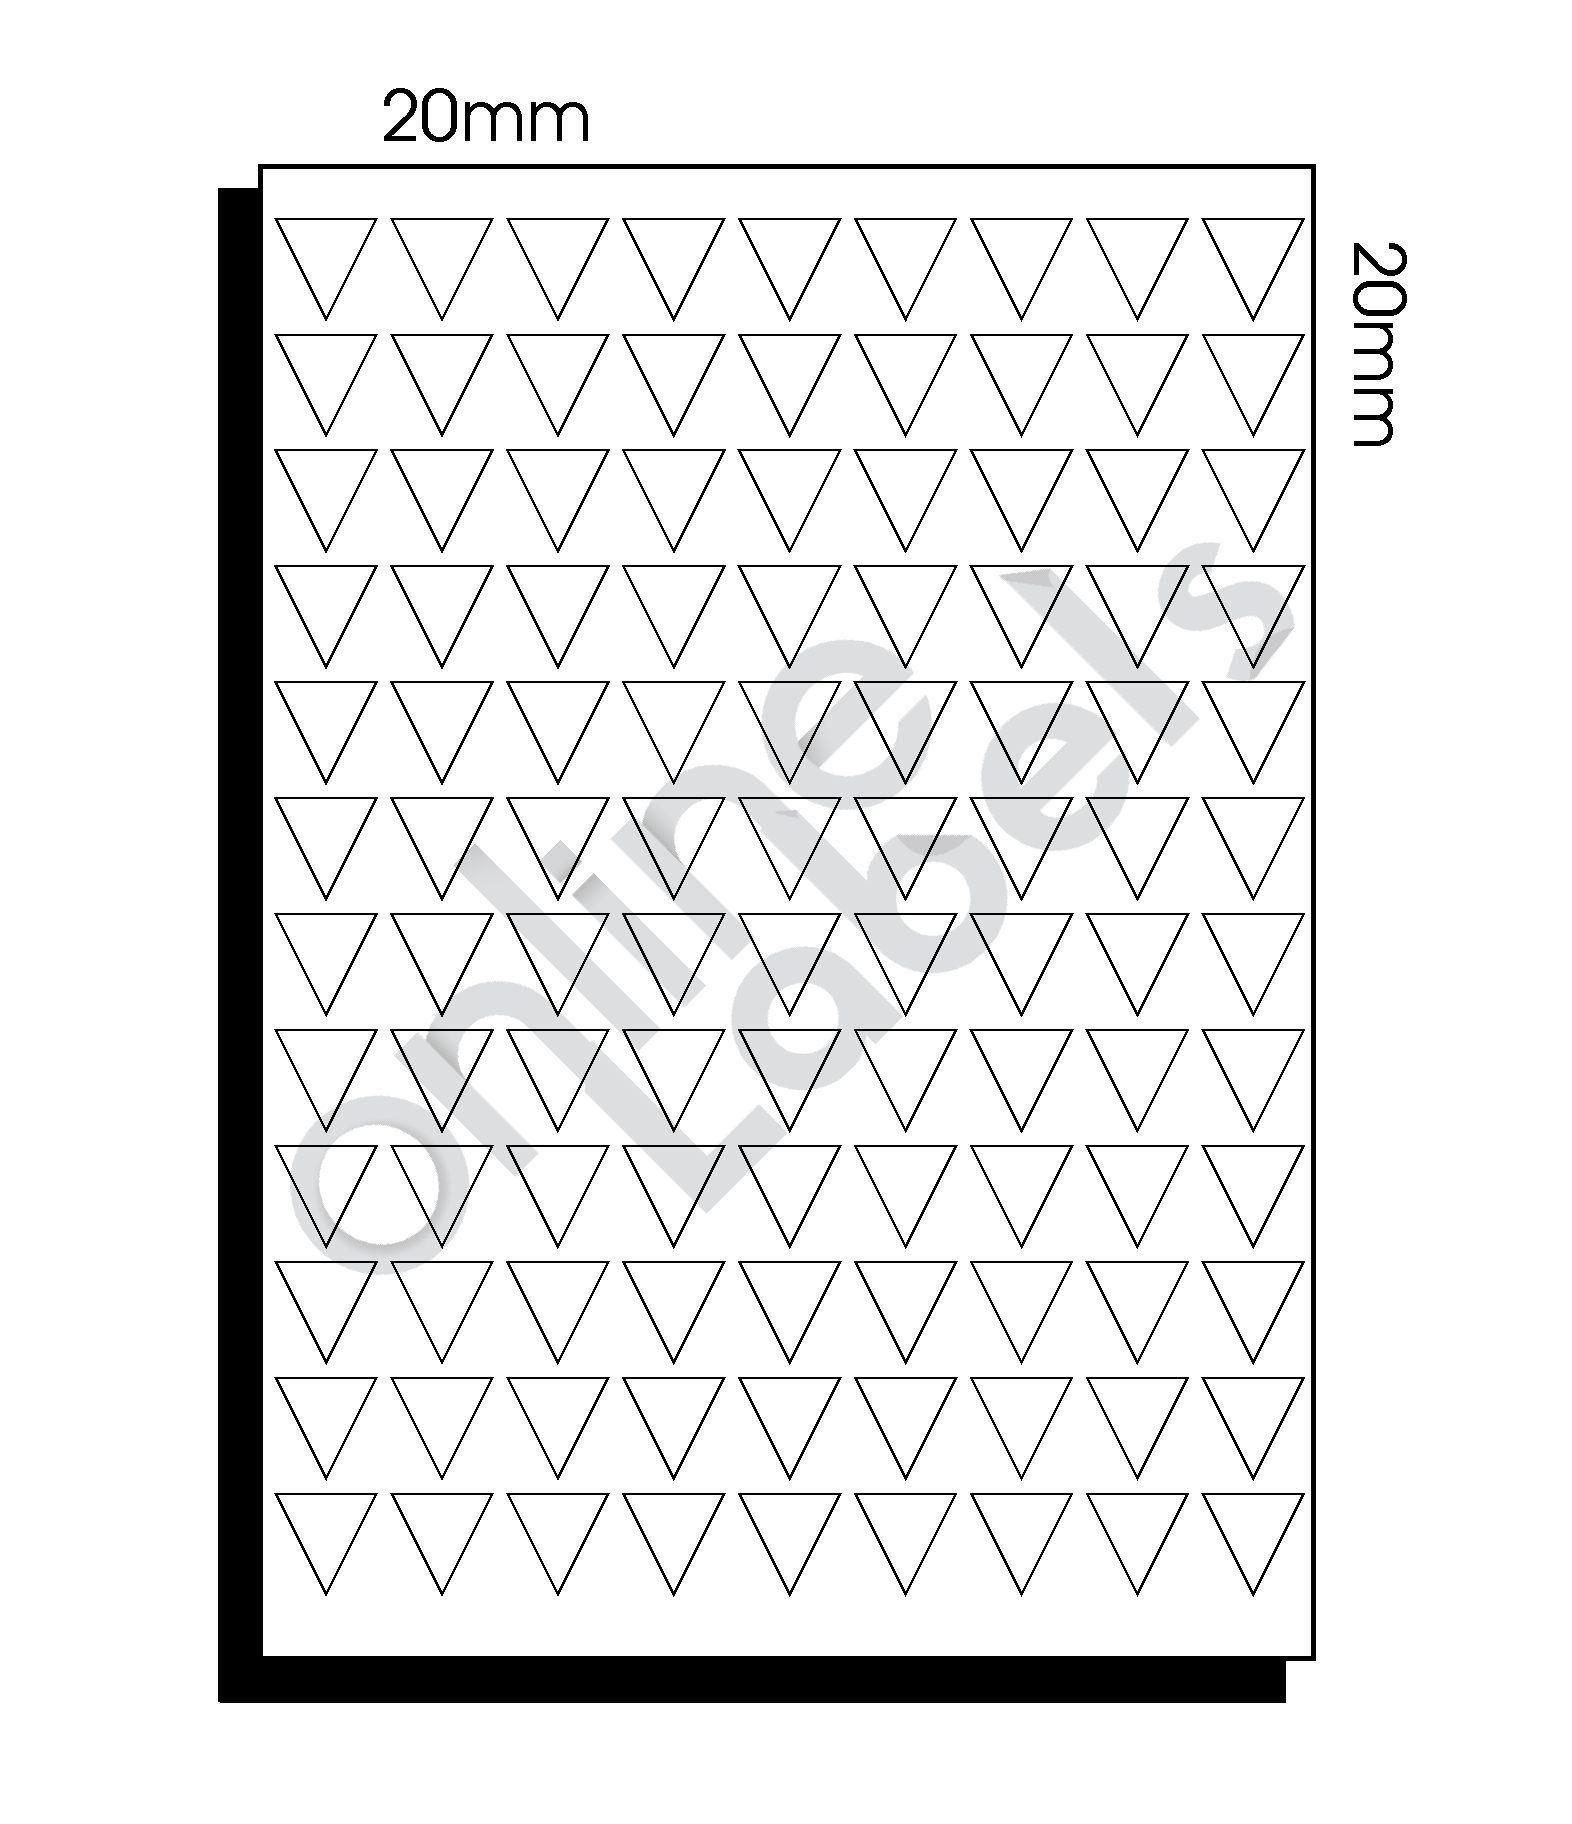 20mm x 20mm (082) – 108 Labels per Sheet